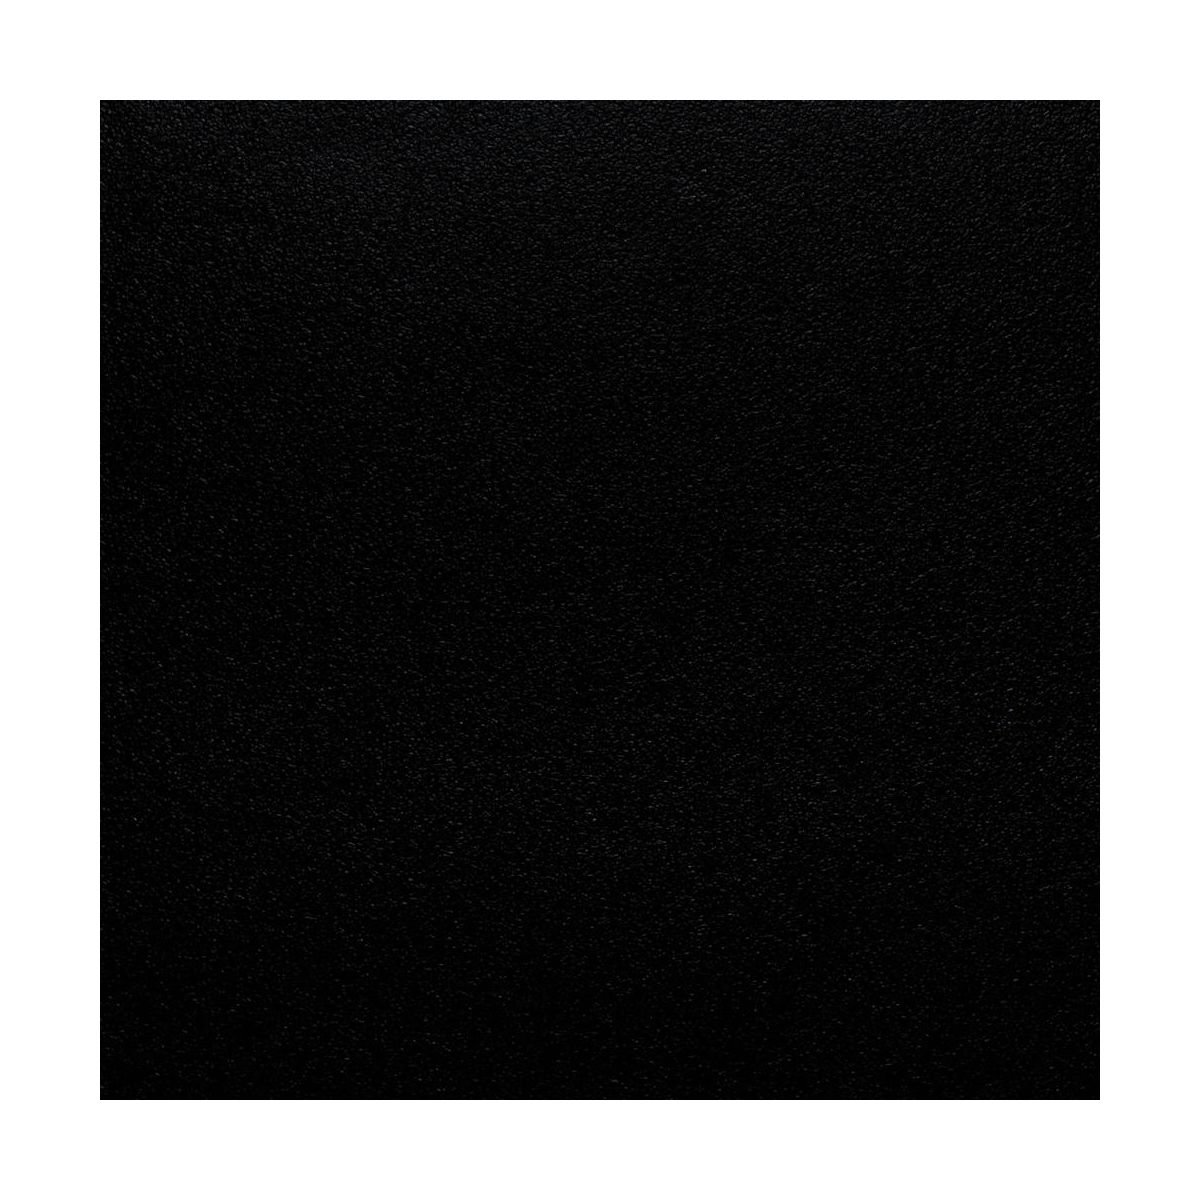 Blat Kuchenny Laminowany Czarny Mat 089l Biuro Styl